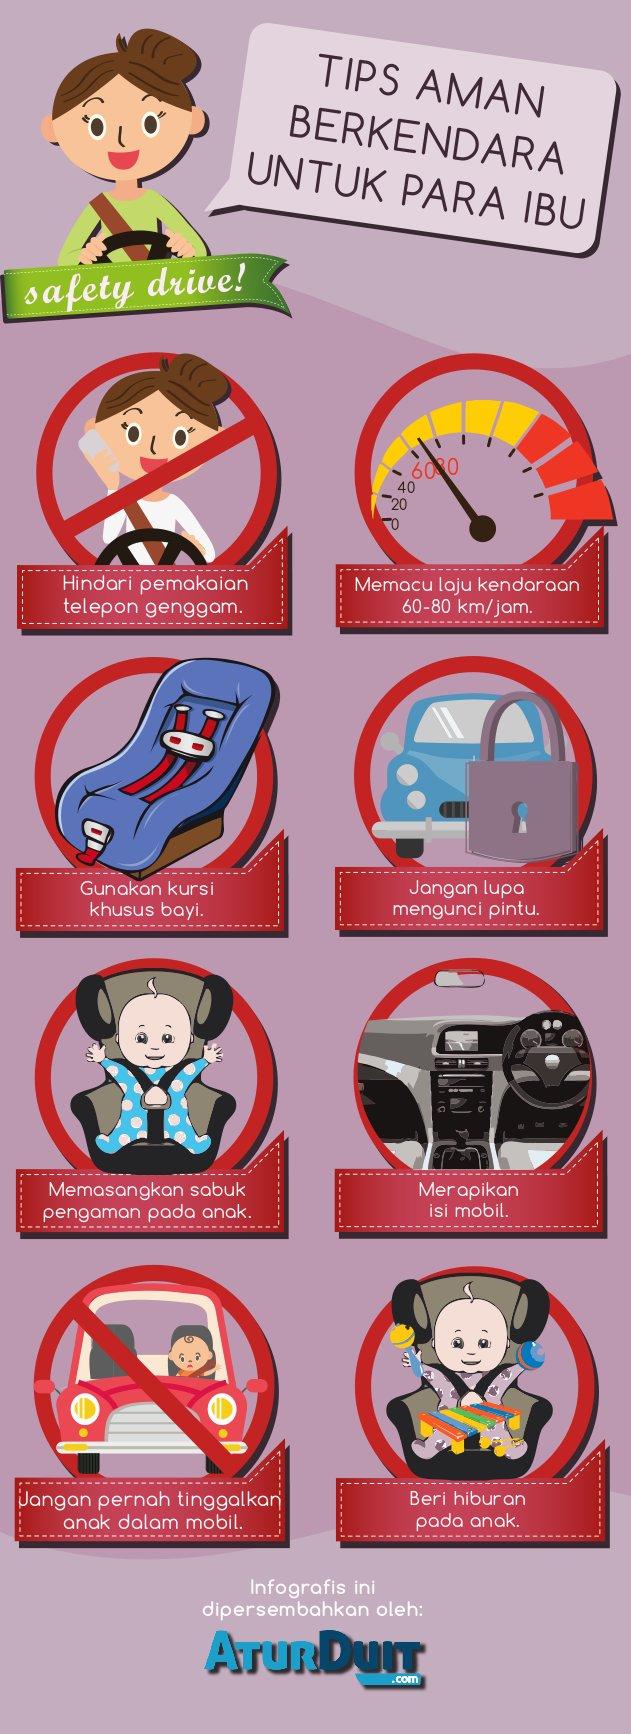 tips and trick, aman berkendara, bagi para ibu dan wanita